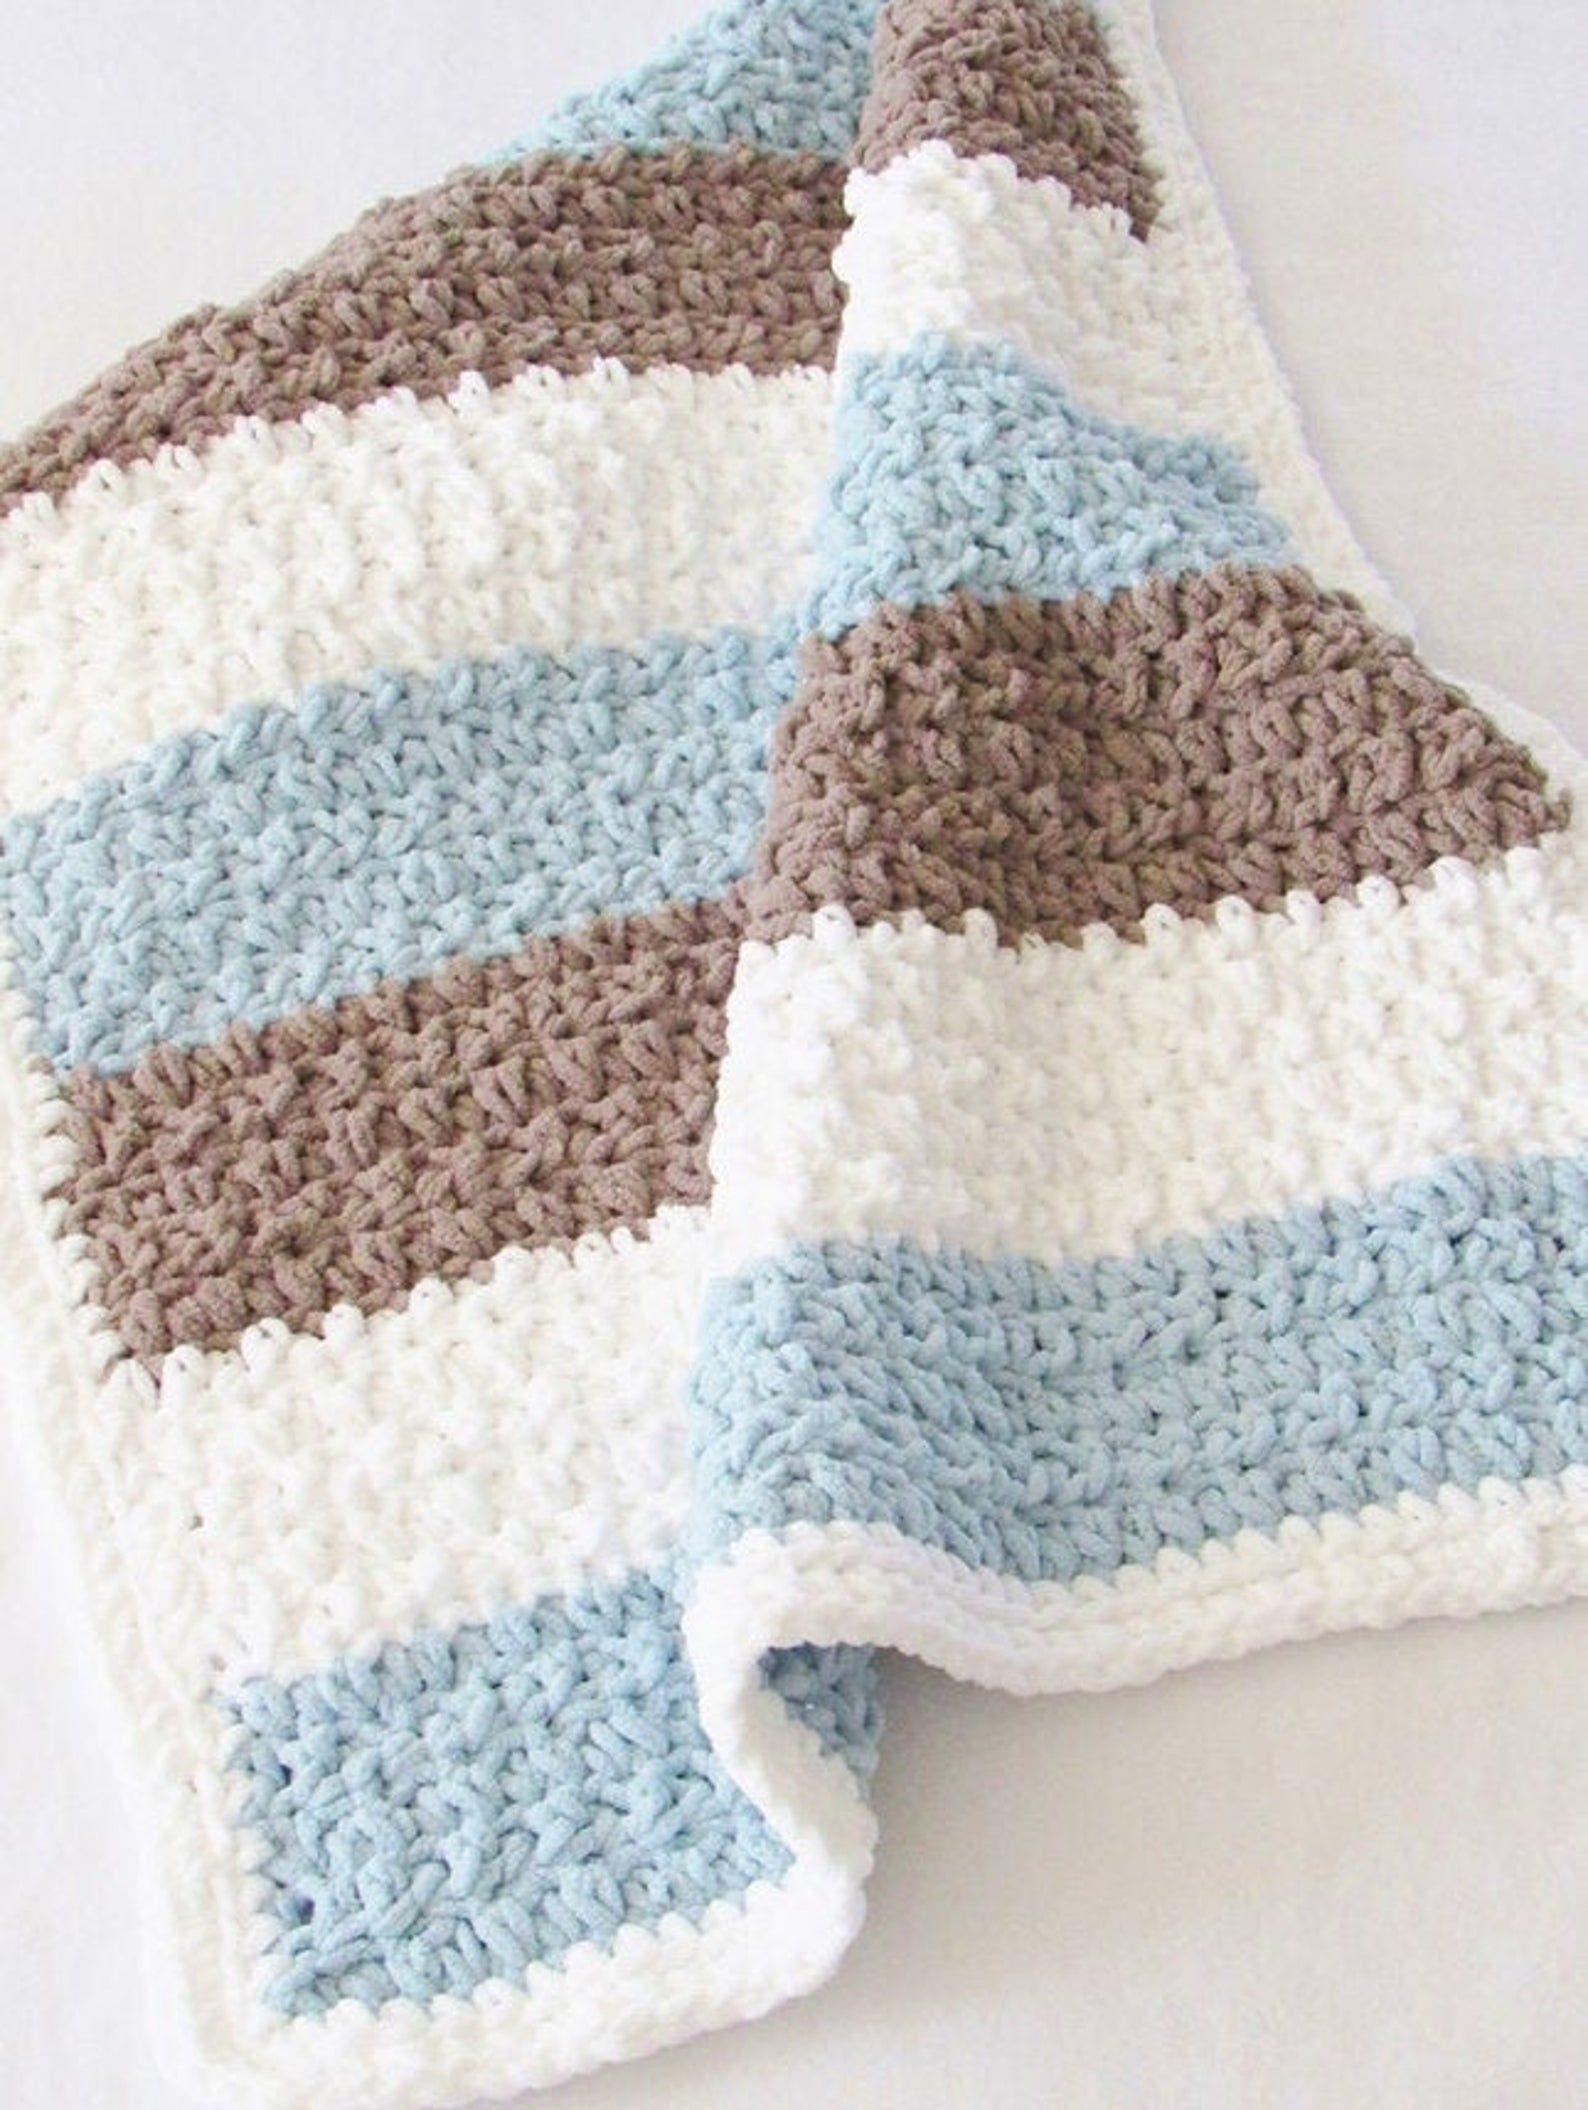 4 Hour Crochet Blanket Pattern Crochet Afghan Crochet Baby Blanket Easy Crochet Baby Blanket Crochet Baby Blanket Free Pattern Baby Boy Crochet Blanket